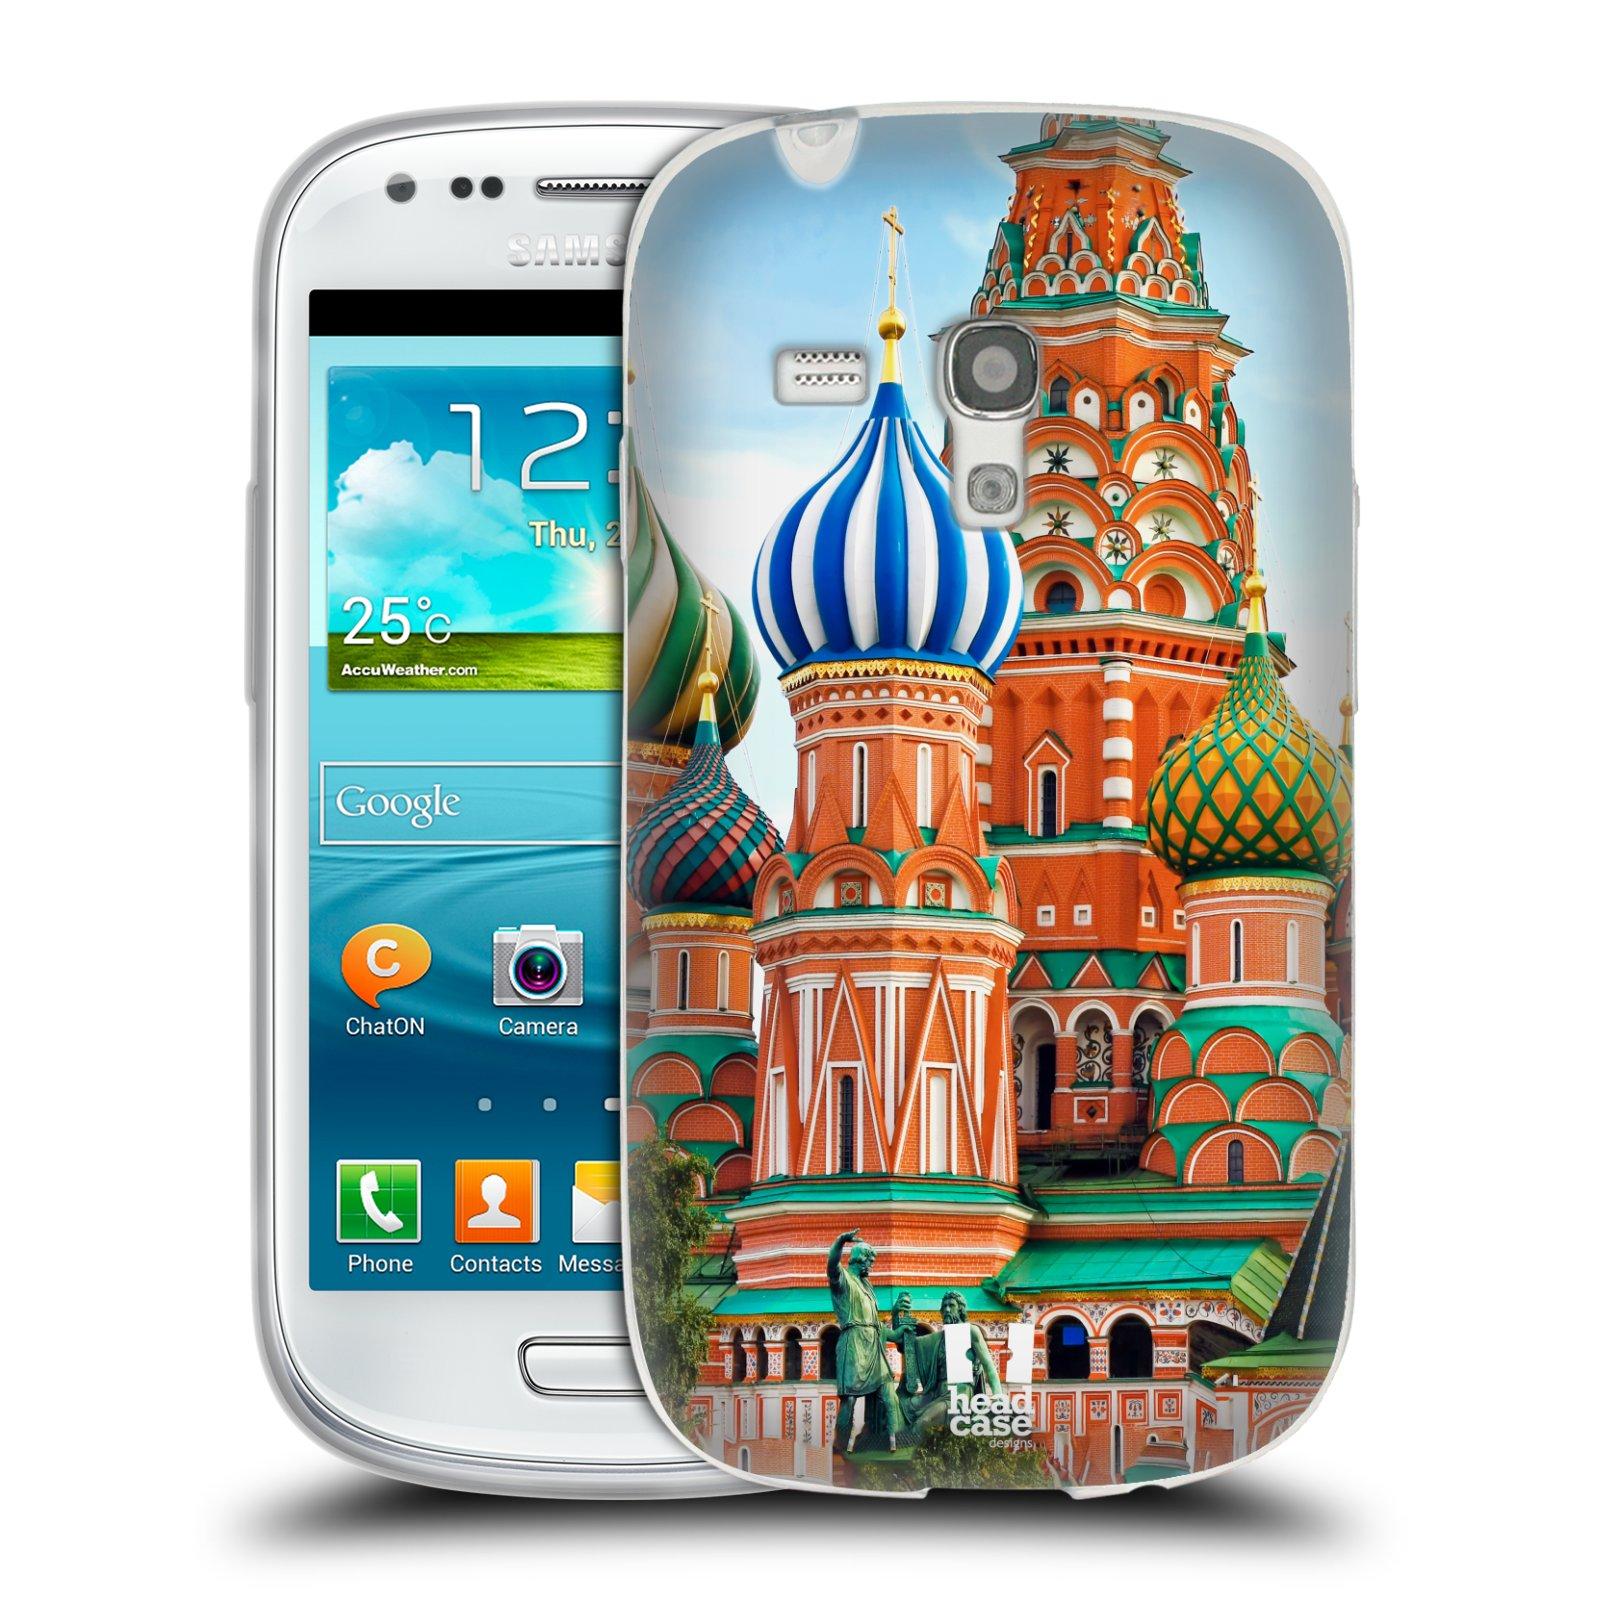 HEAD CASE silikonový obal na mobil Samsung Galaxy S3 MINI i8190 vzor Města foto náměstí RUSKO,MOSKVA, RUDÉ NÁMĚSTÍ